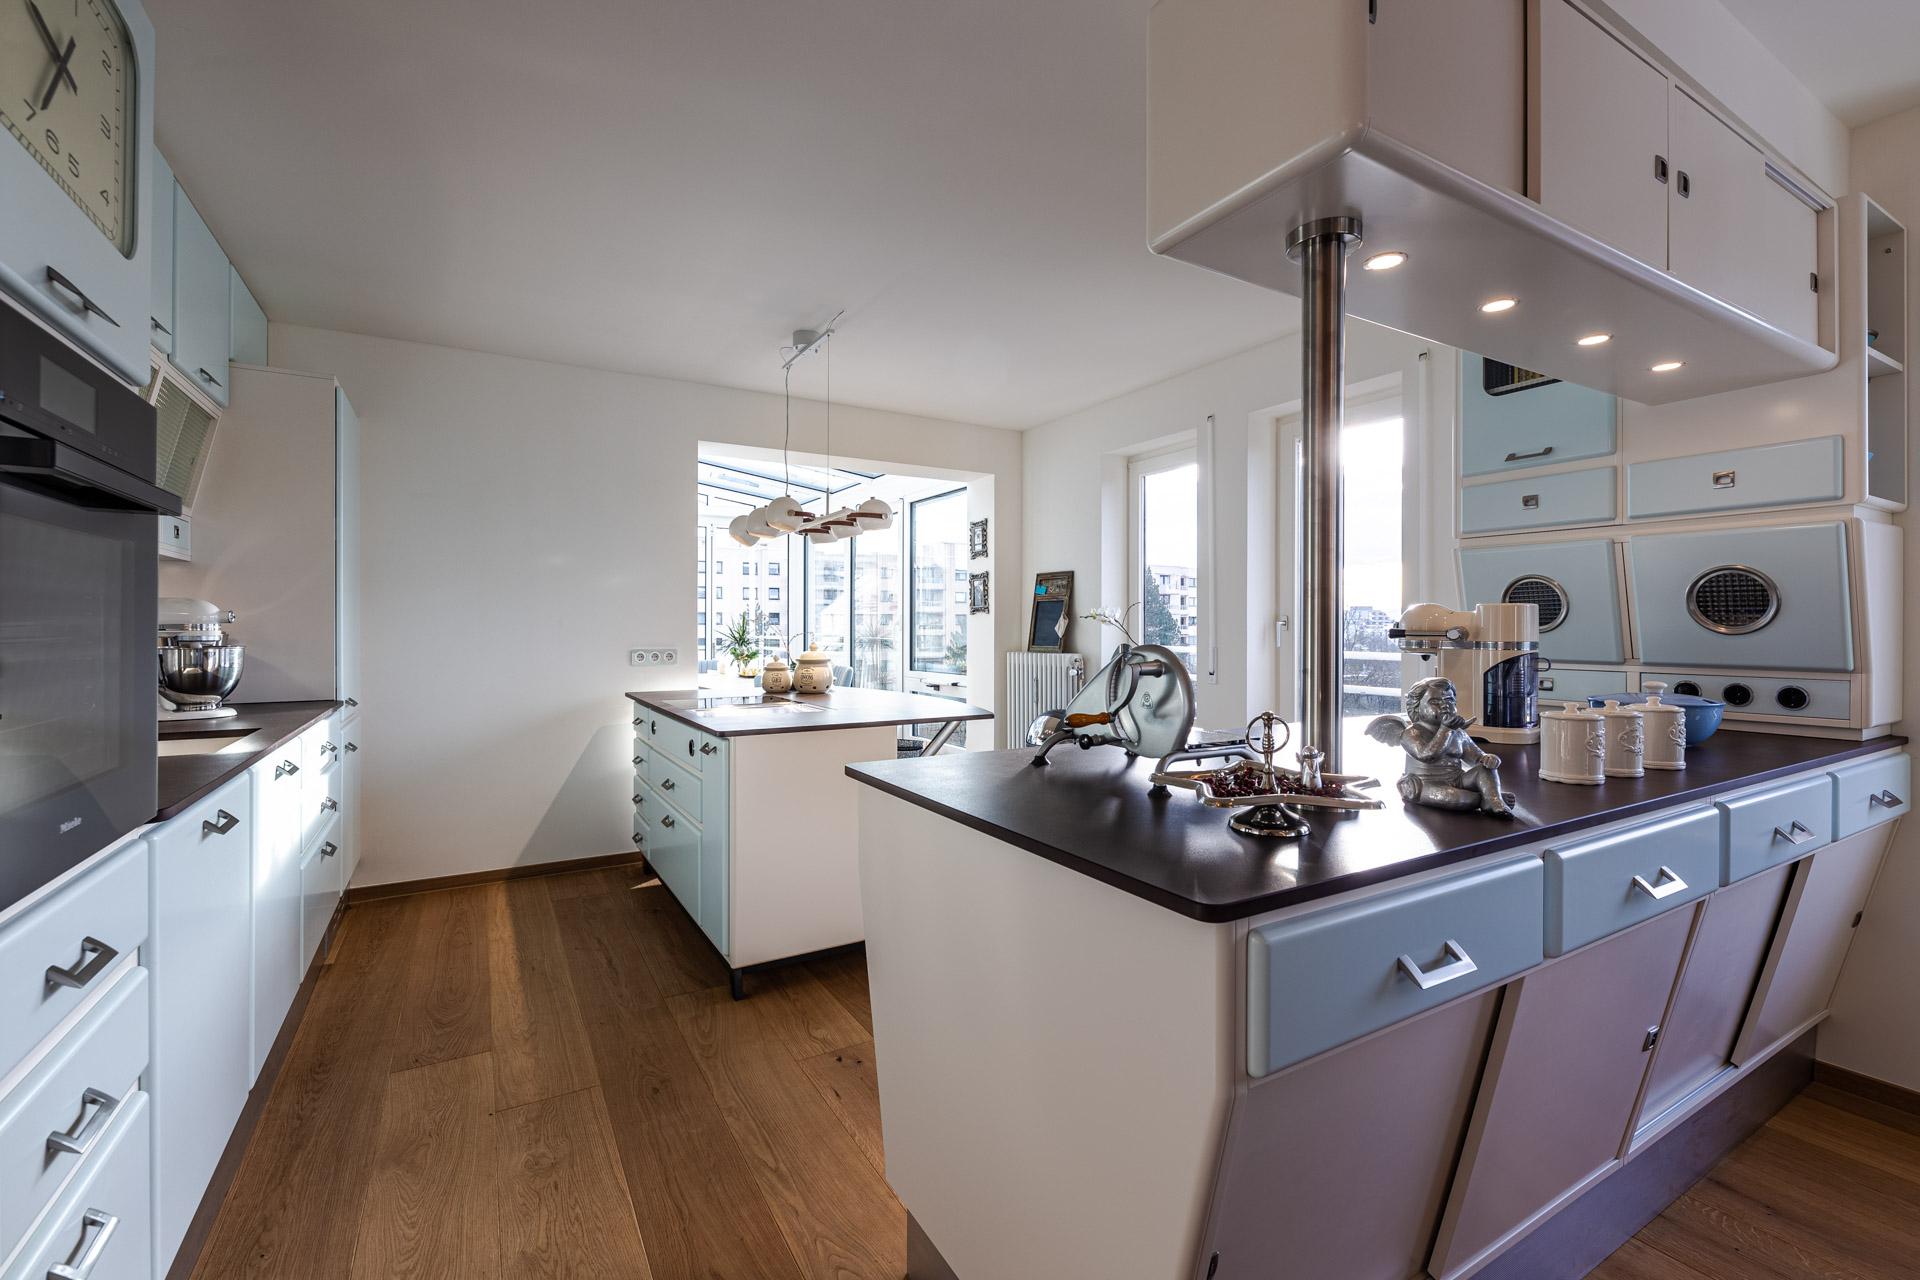 Marchi Küche in einem hellen Raum mit dunklem Holzboden